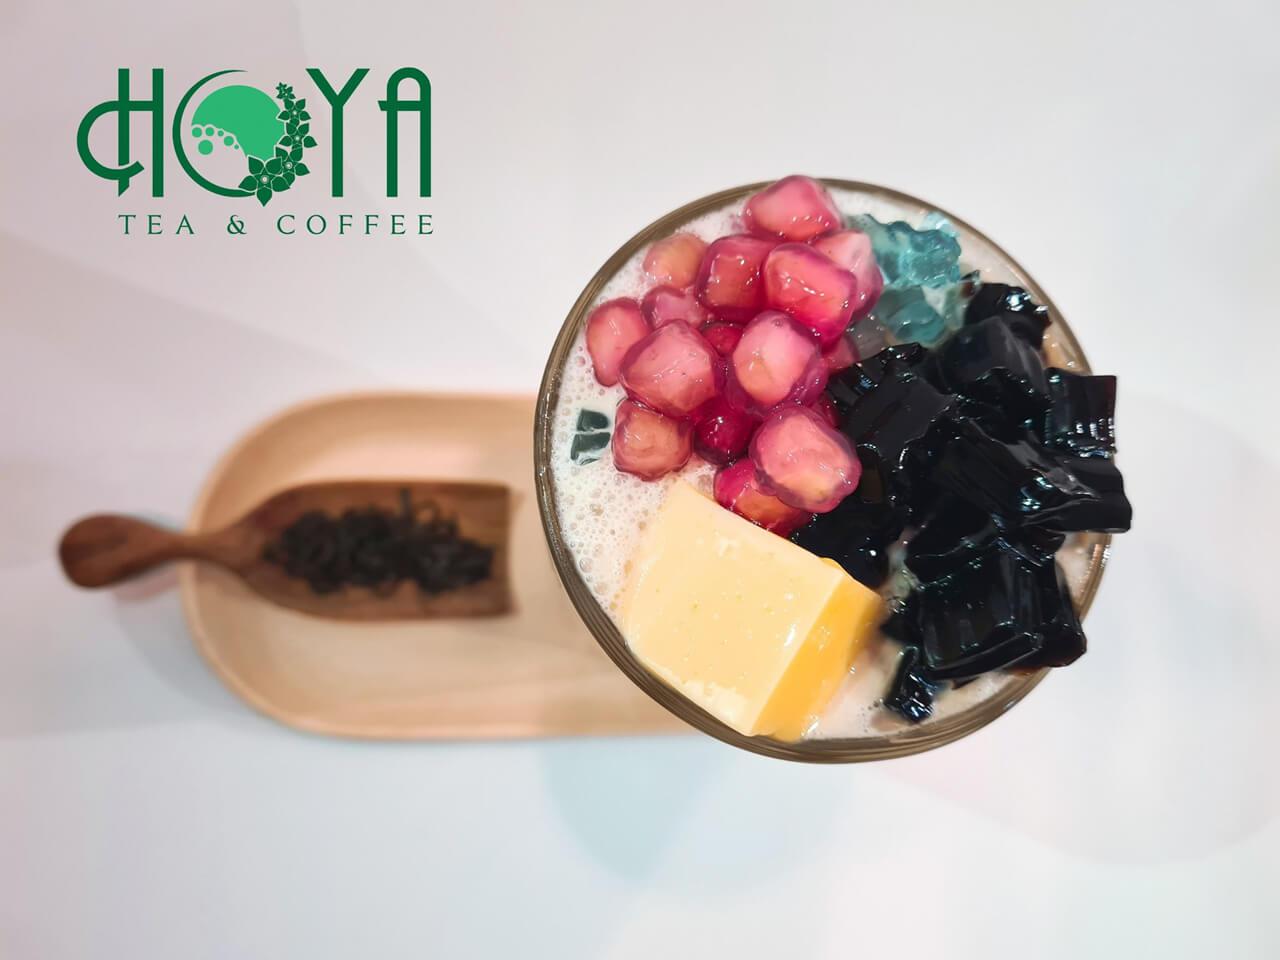 Topping trà sữa của Hoya